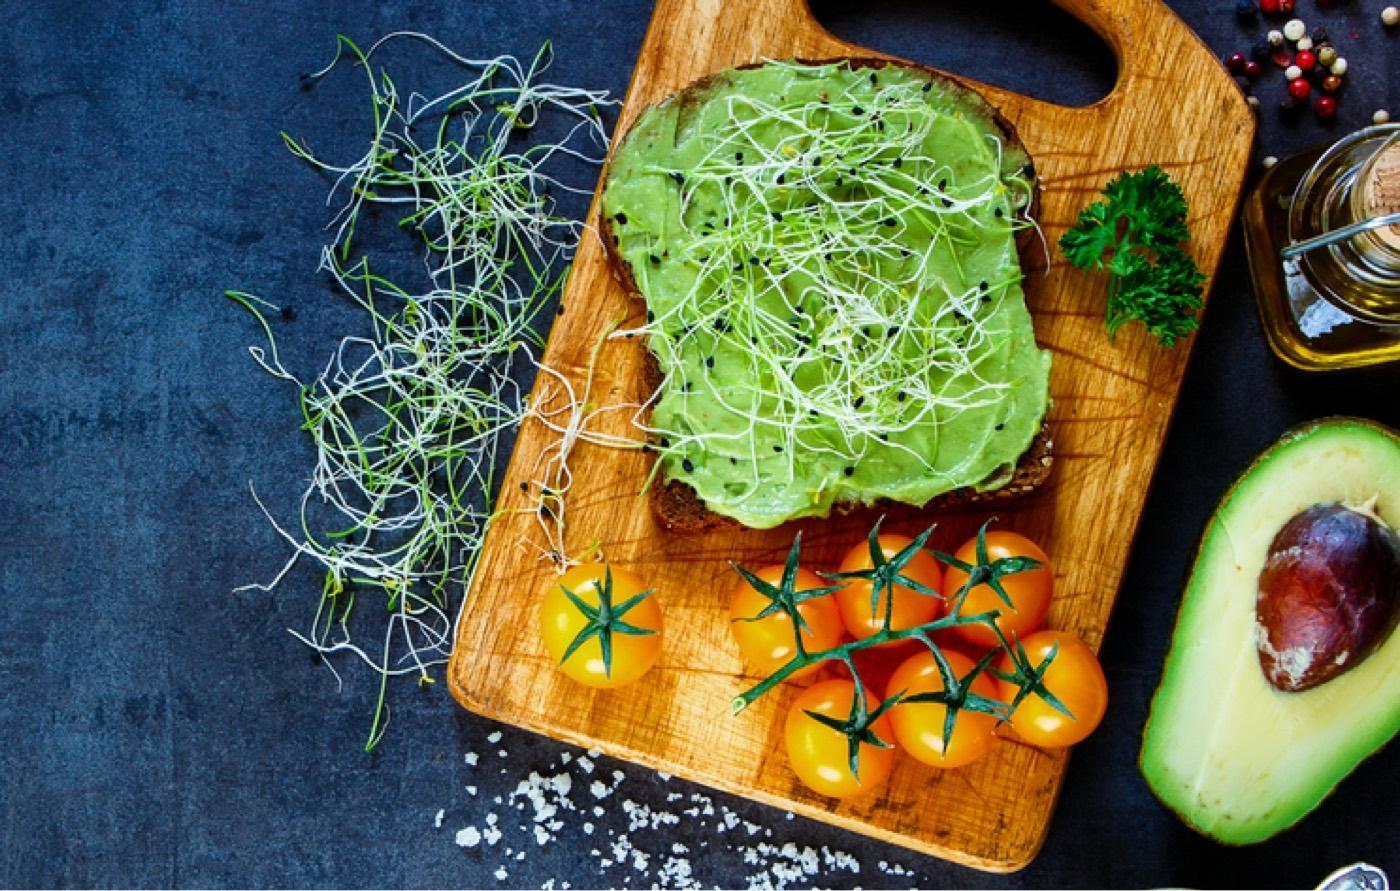 Ricetta per panino con guacamole, zucchine e germogli